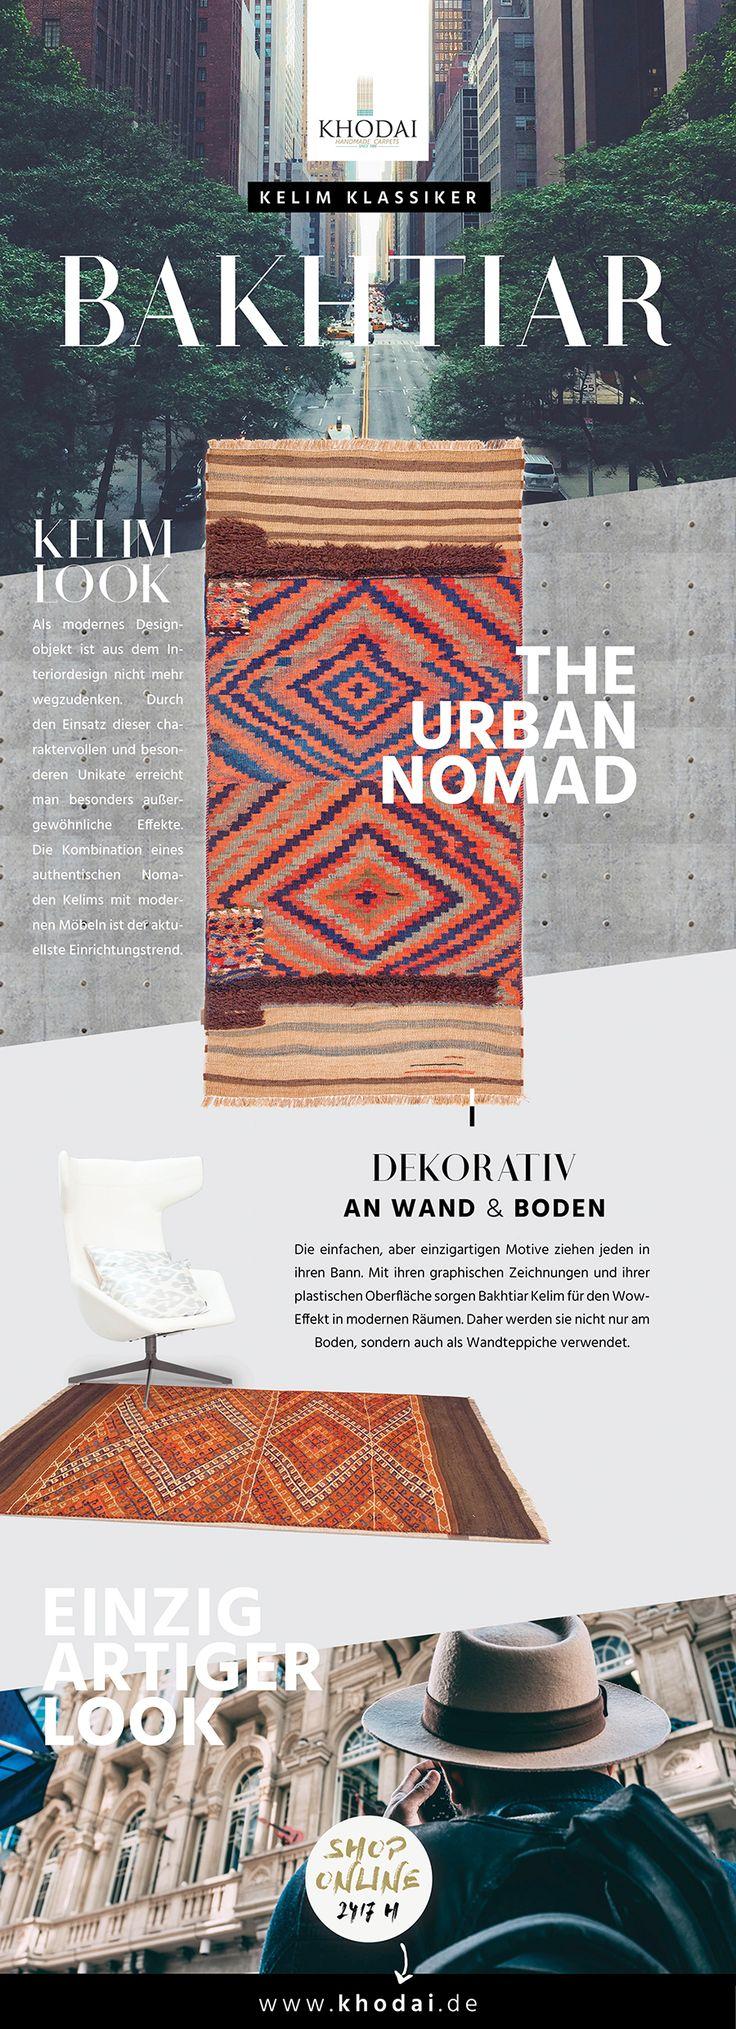 Modernes Designobjekt - Kelim Teppich Klassische Webteppiche im Nomadenstil von KHODAI - Handmade Carpets